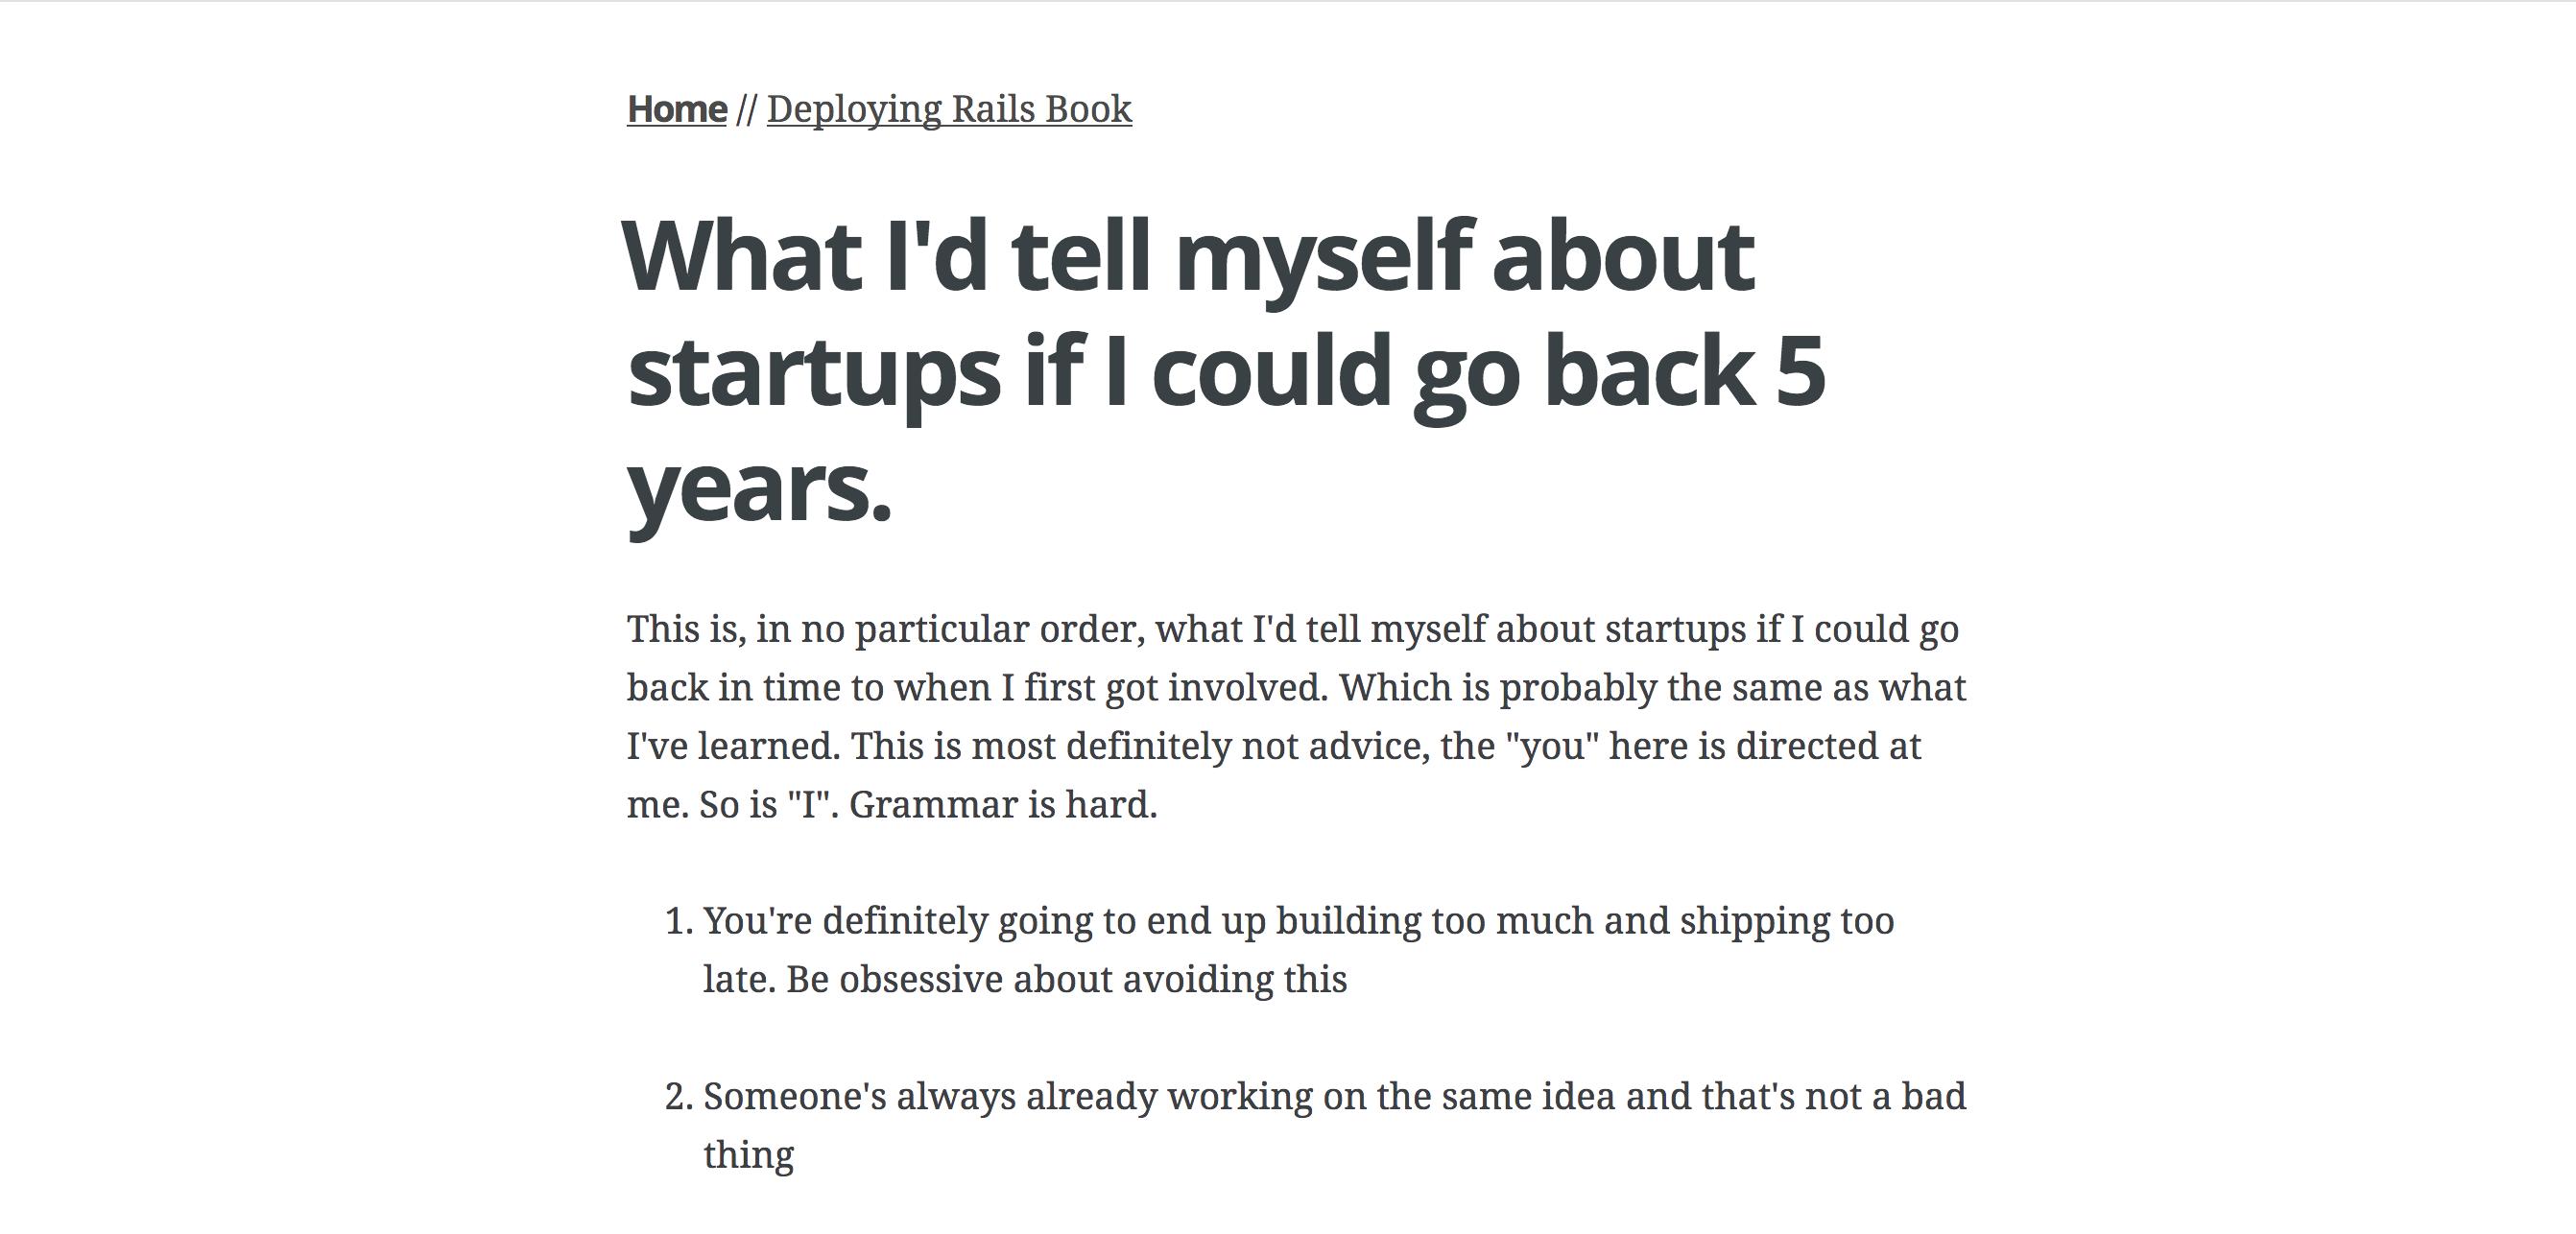 關於創業,我想告訴五年前的自己…